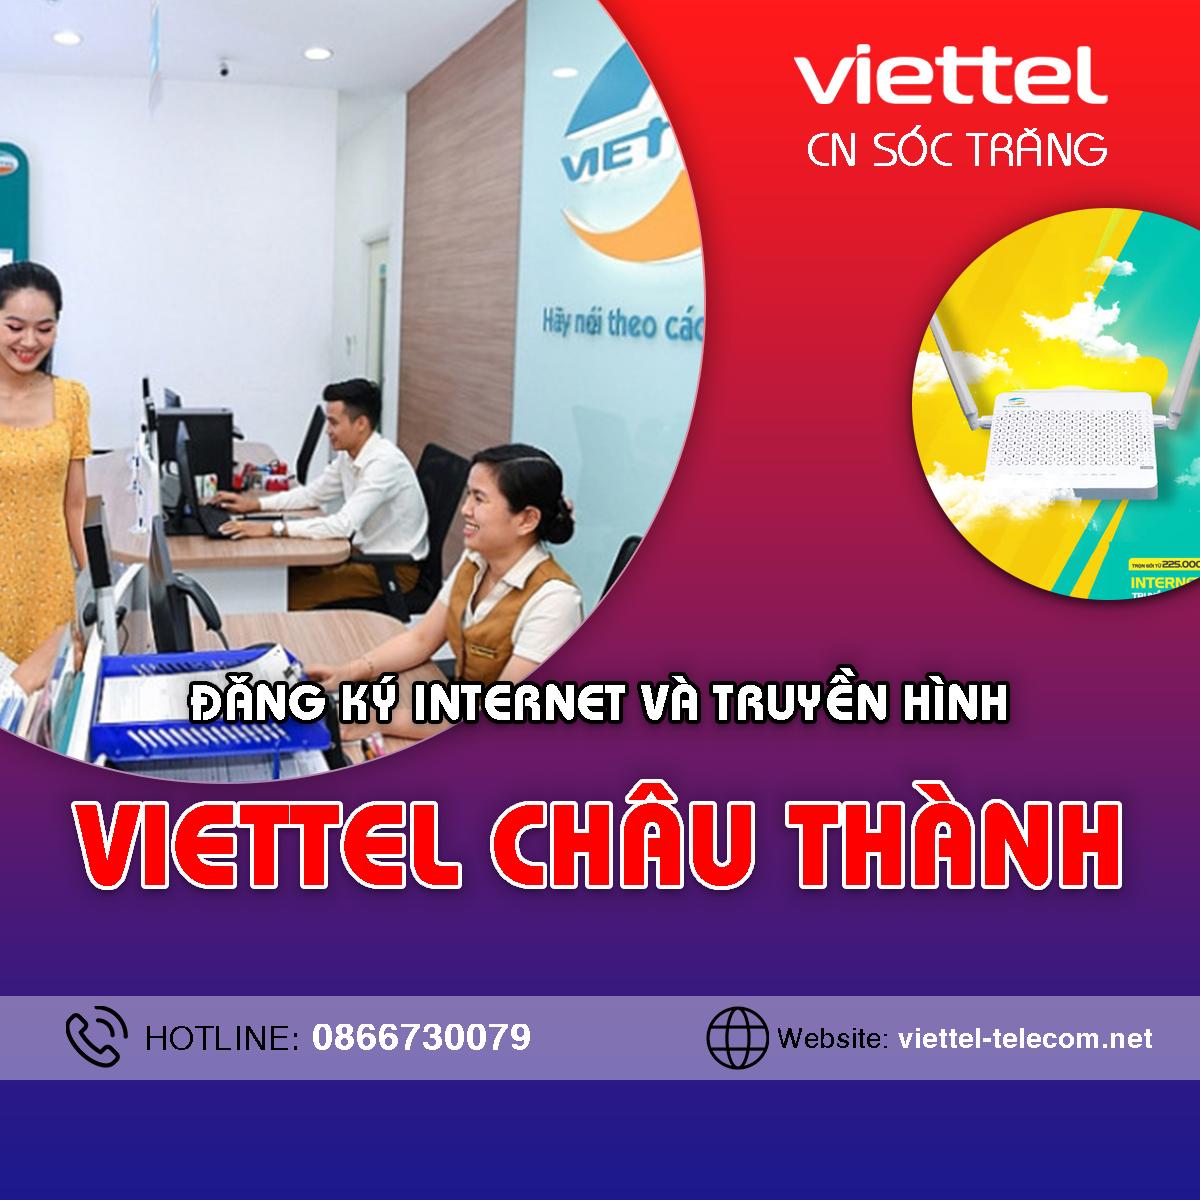 Cửa hàng Viettel Châu Thành Sóc Trăng